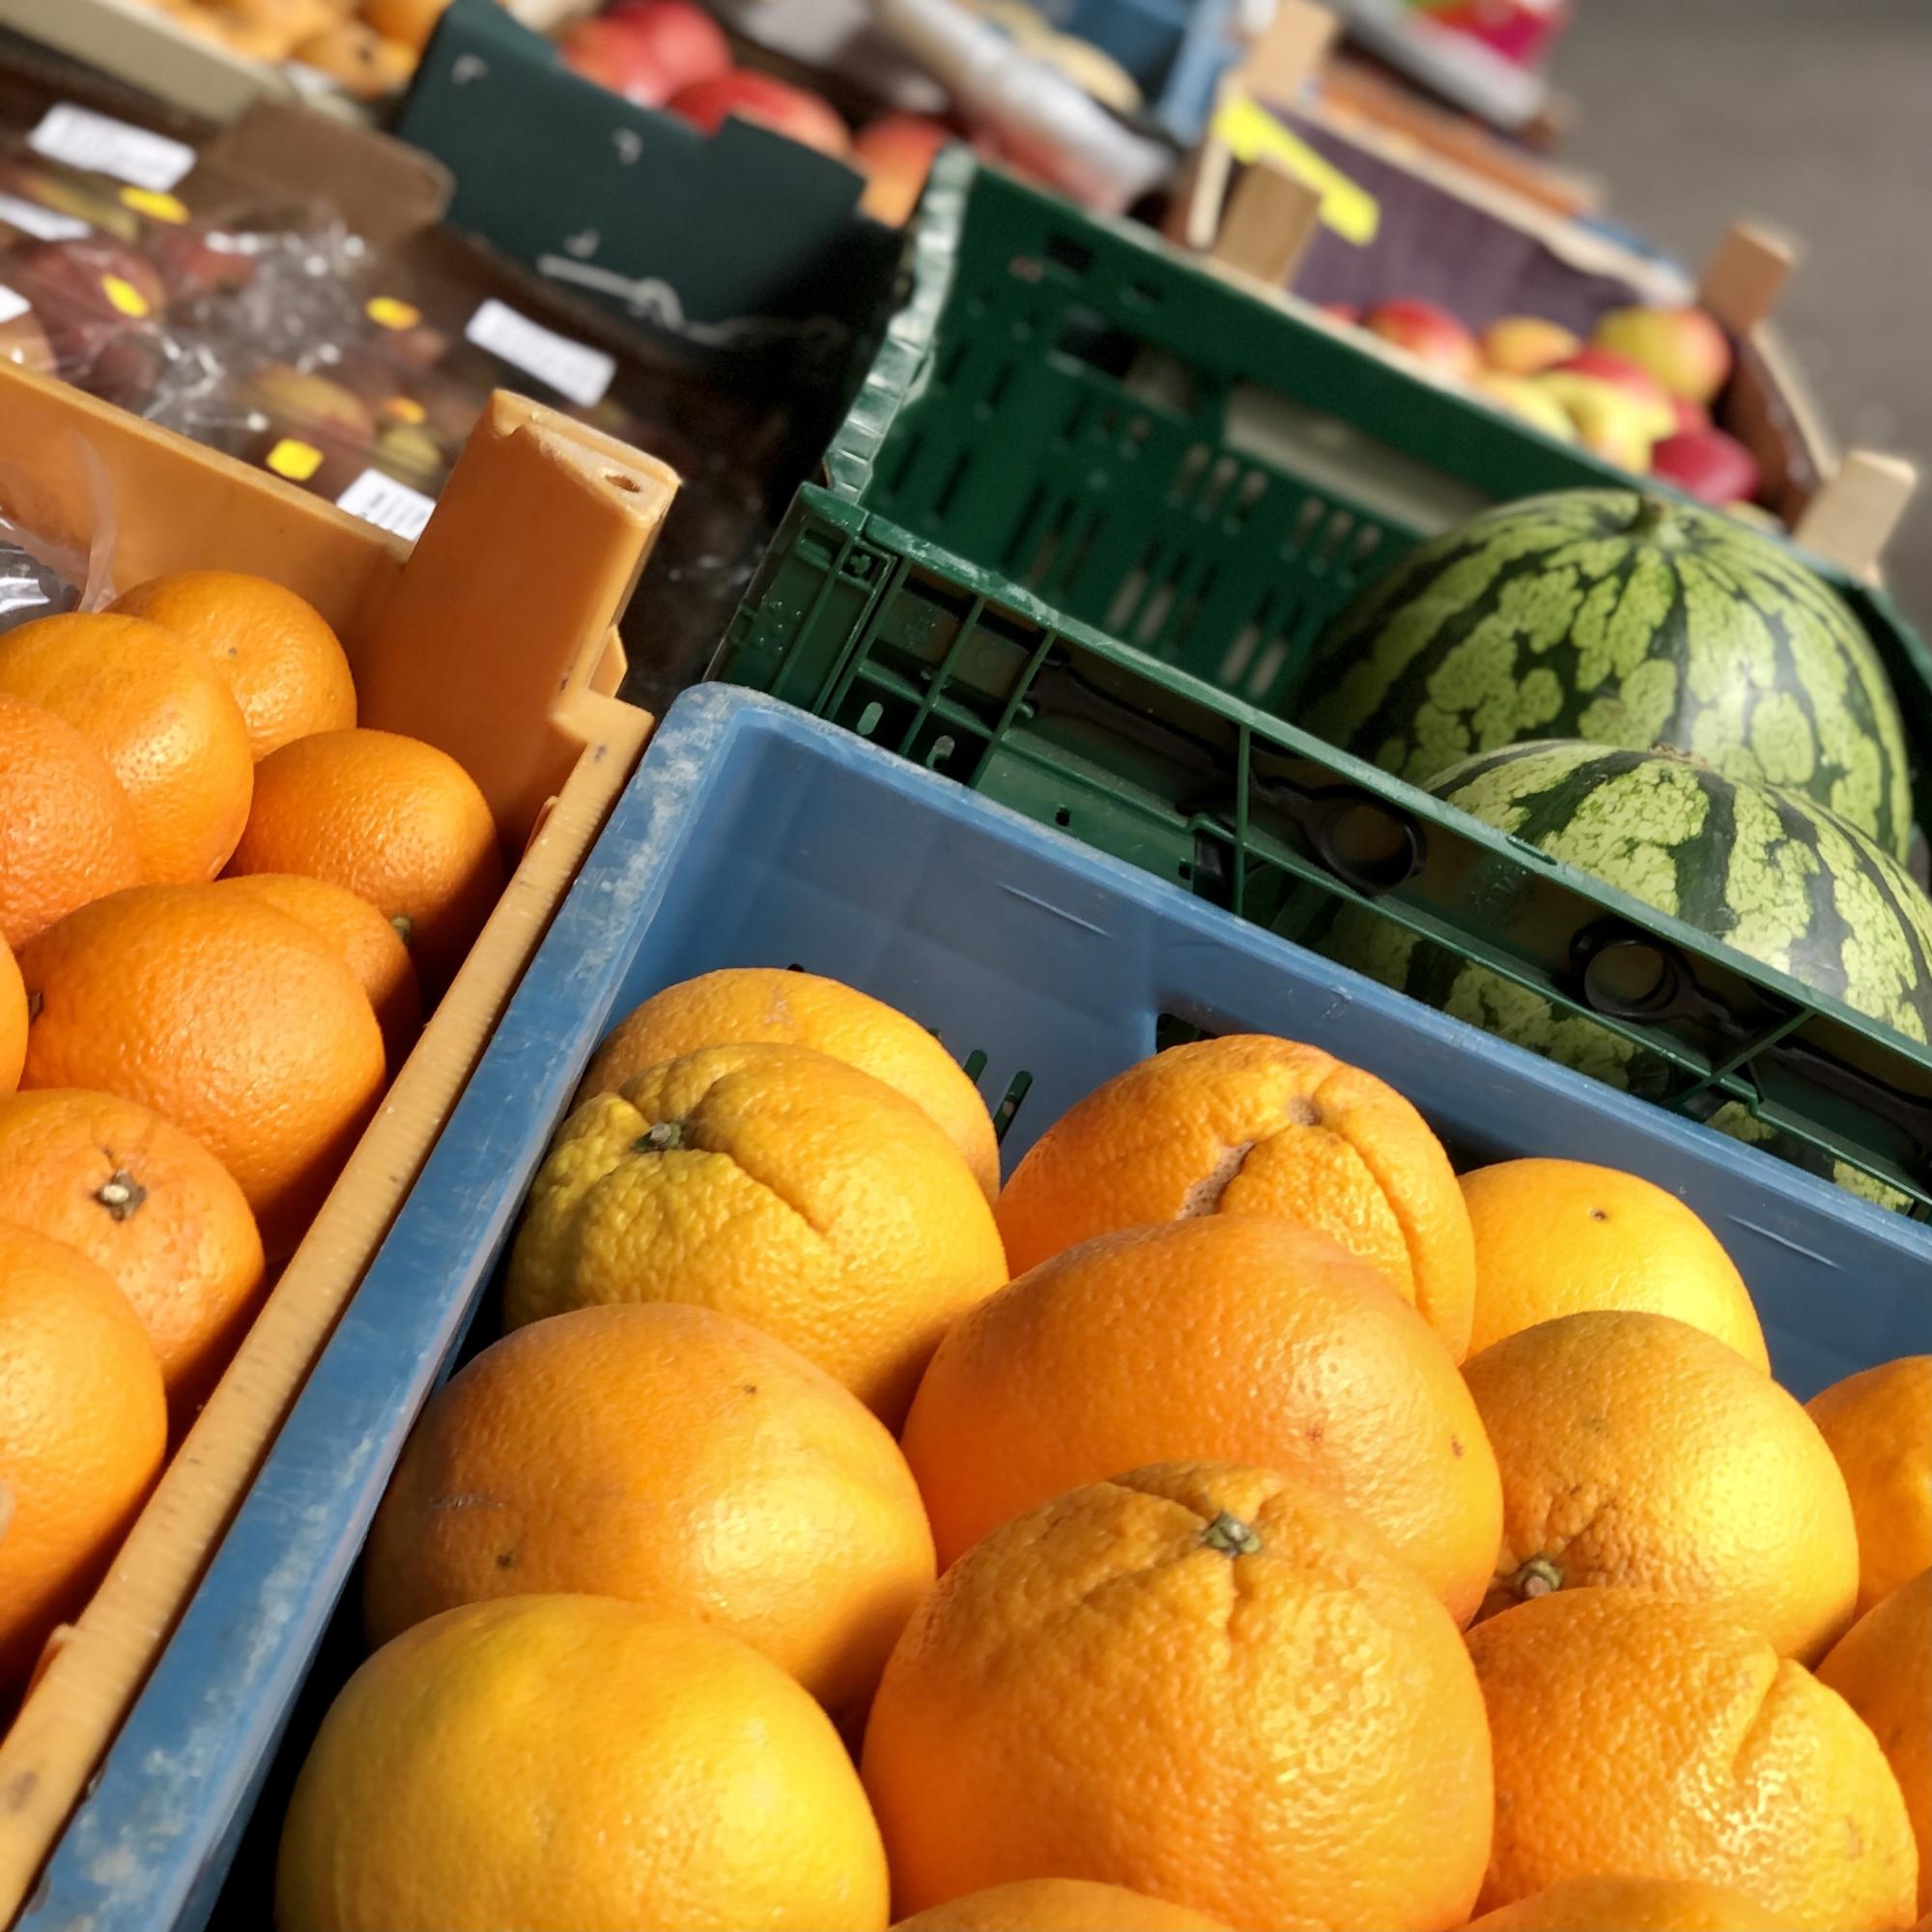 Mein-Wedel-elbkiosk-Frischemarkt-Obst-Gemuese-16